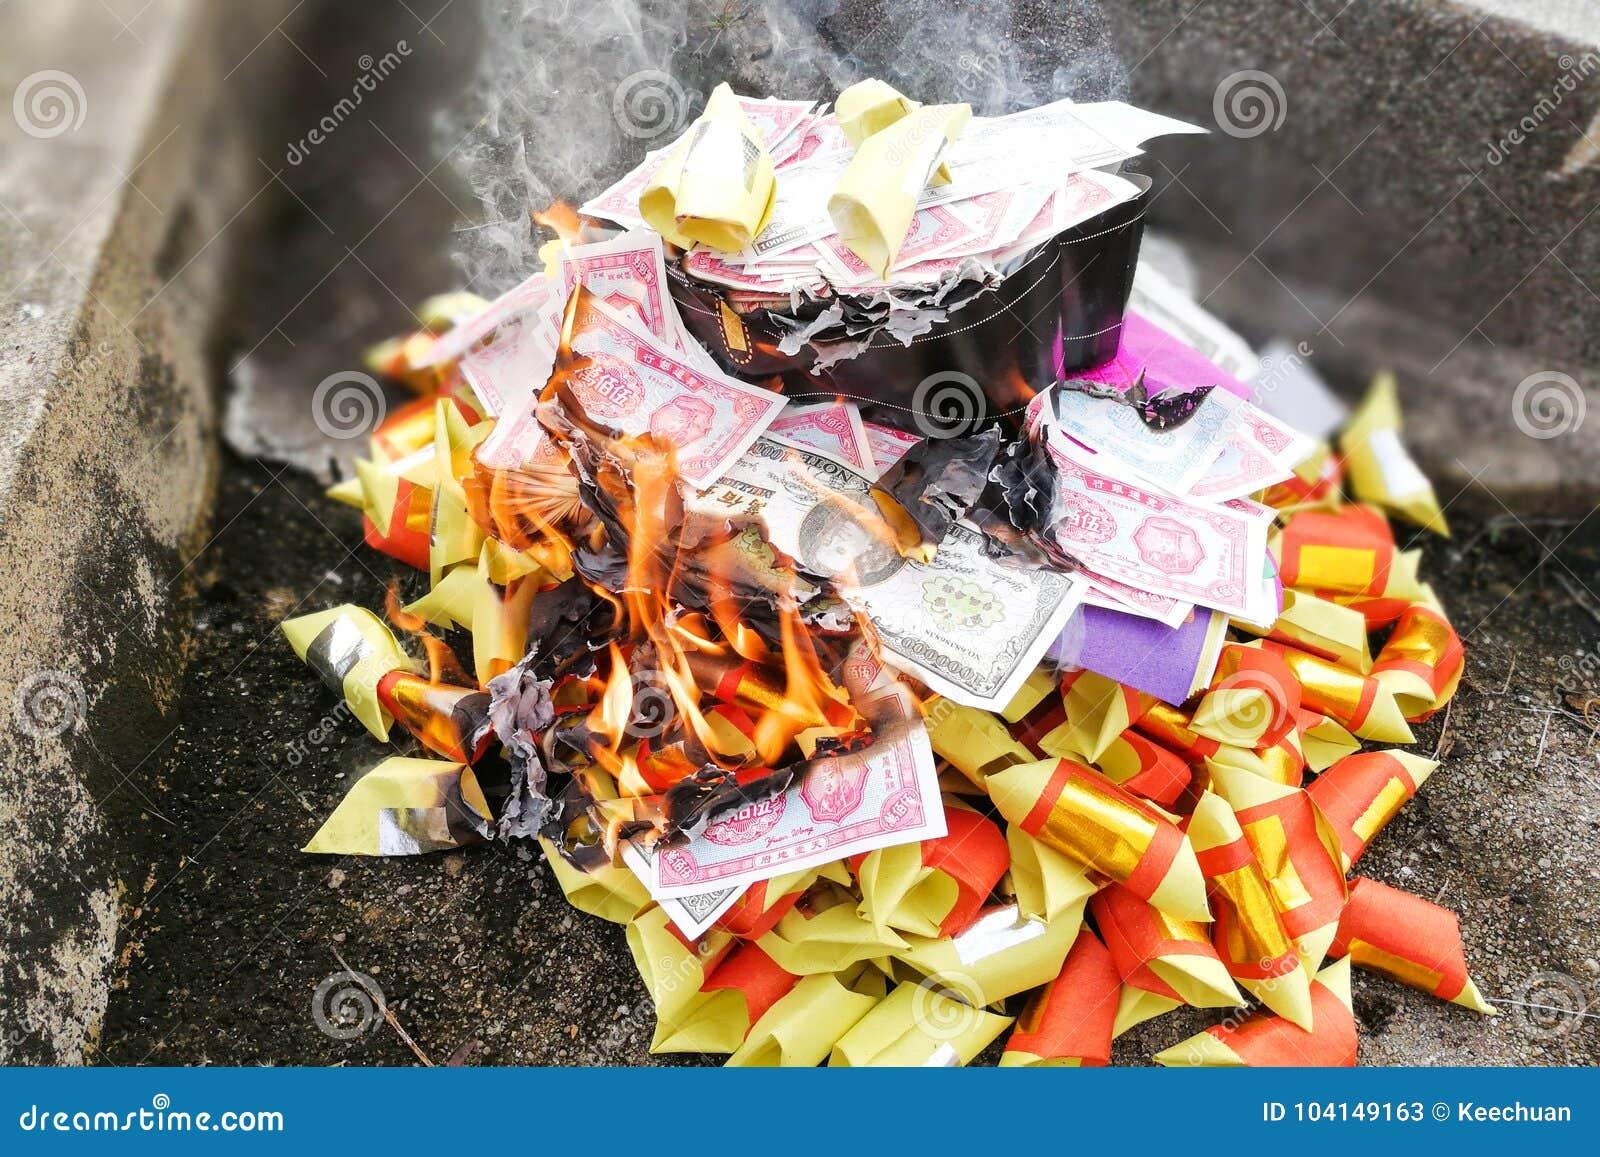 Billetes y oro del taoism de la quemadura china de la tradición a los antepasados